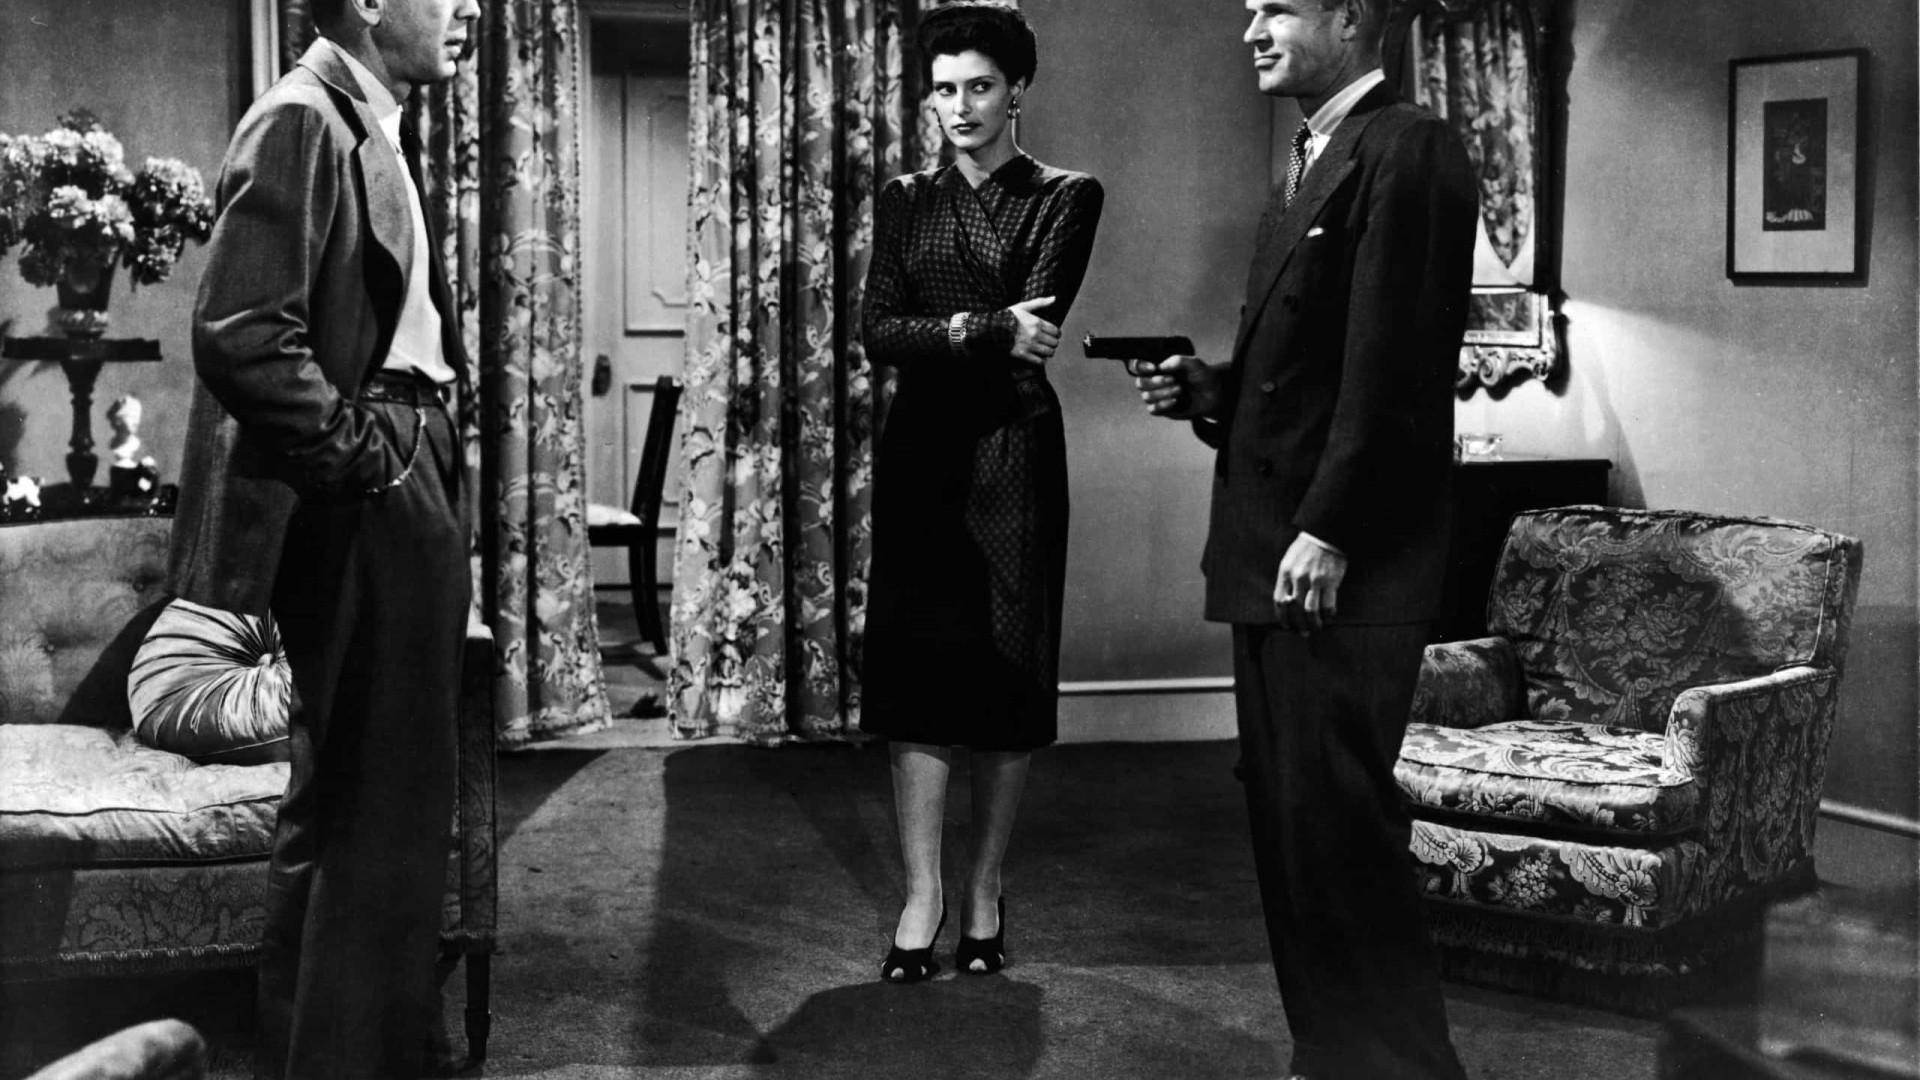 Morre a atriz Sonia Darrin, de 'The Big Sleep'. Tinha 96 anos